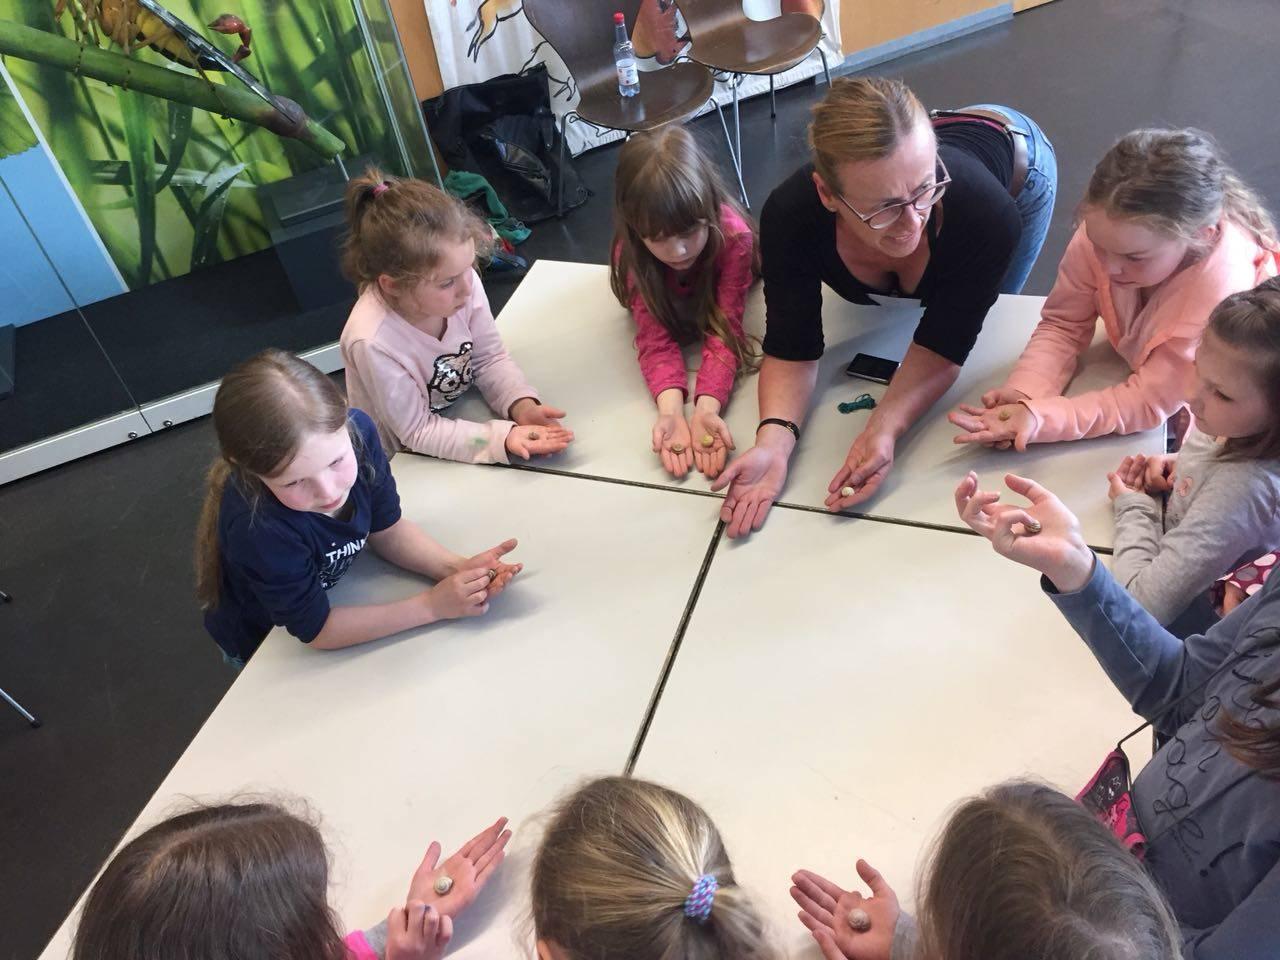 ra Waldow erklärt den Mädchen wie viele verschiedene                                                                                                              Schnecken Arten es gibt.